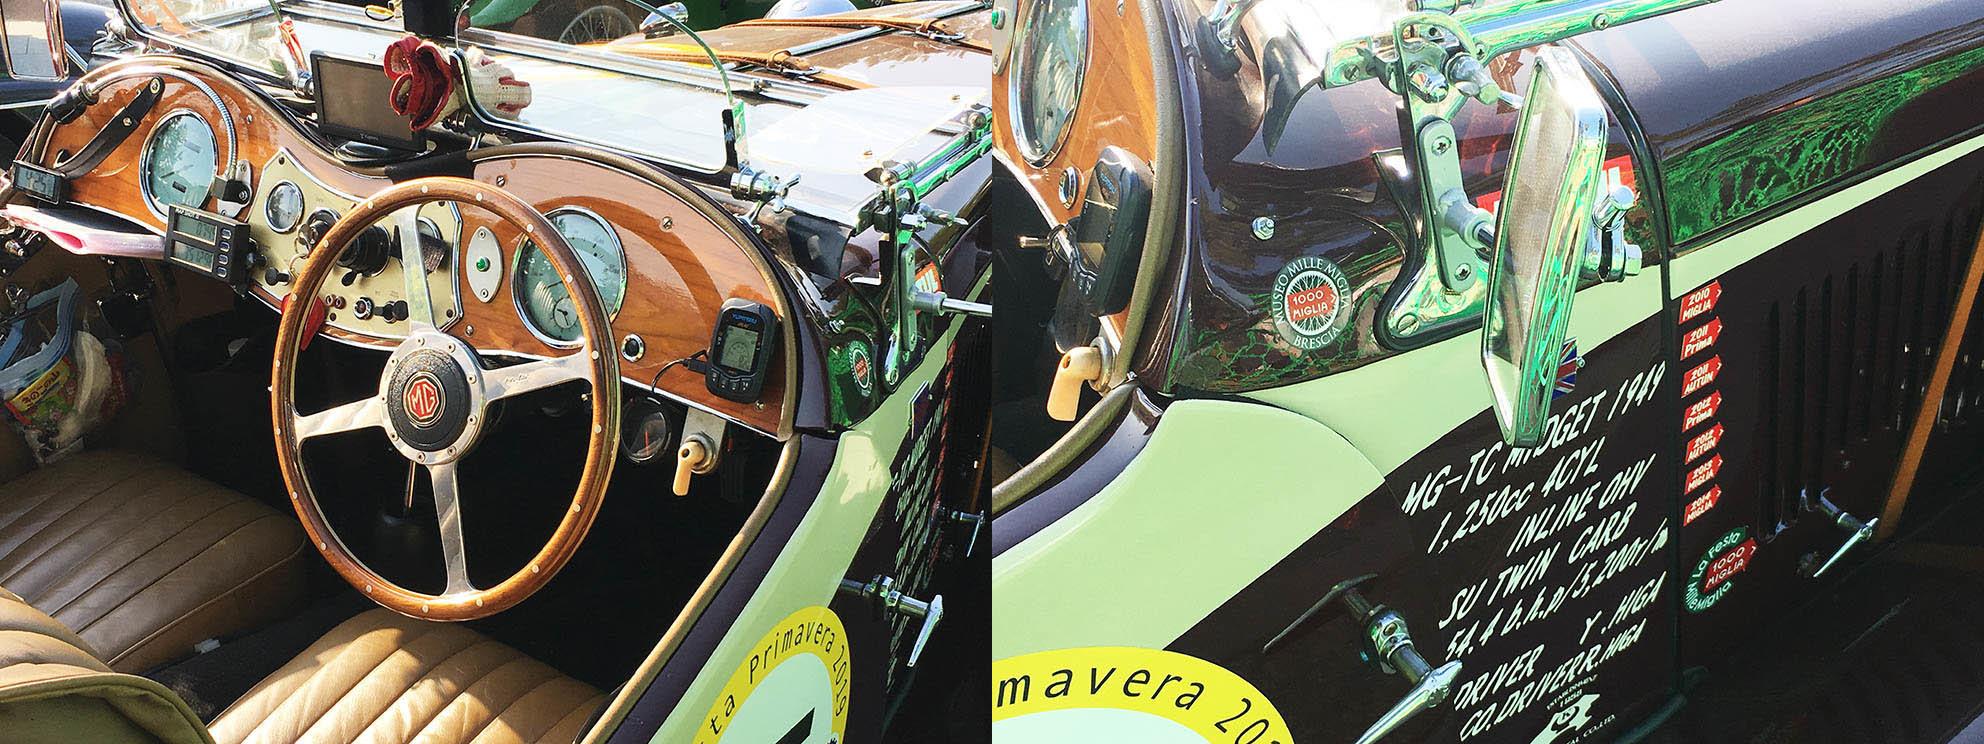 クラシックカーで1000kmを走る公道ラリー「La Festa Primavera 2019」開催_b0215856_13542122.jpg